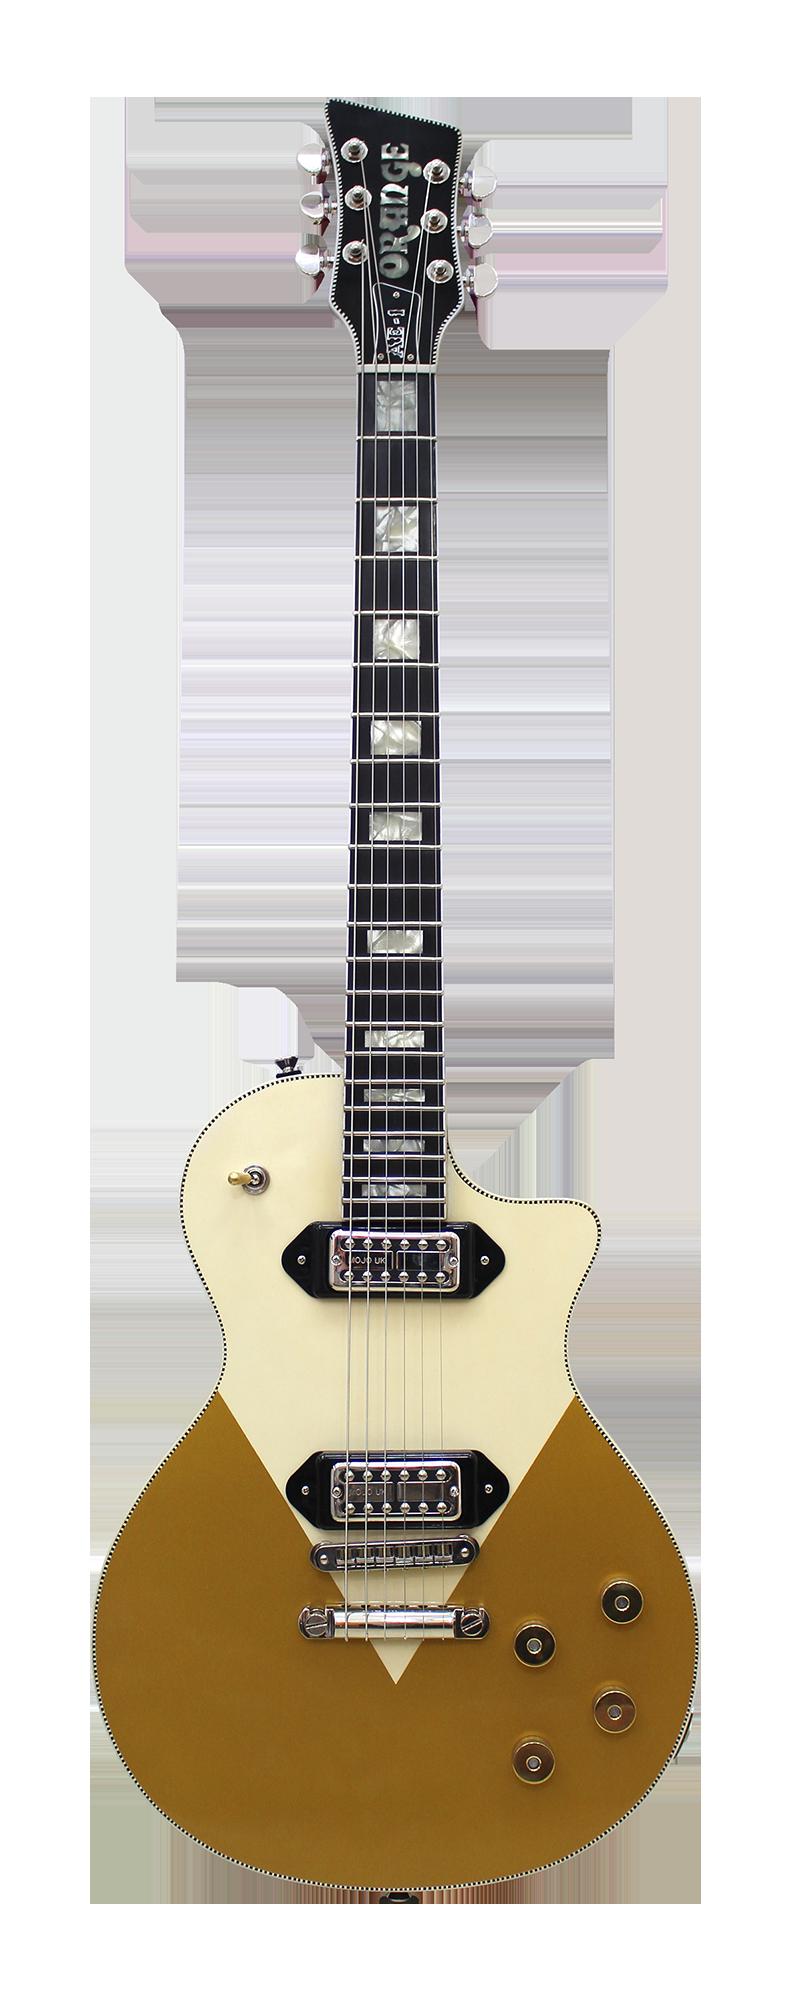 Custom-Guitar-800-x-2000.png